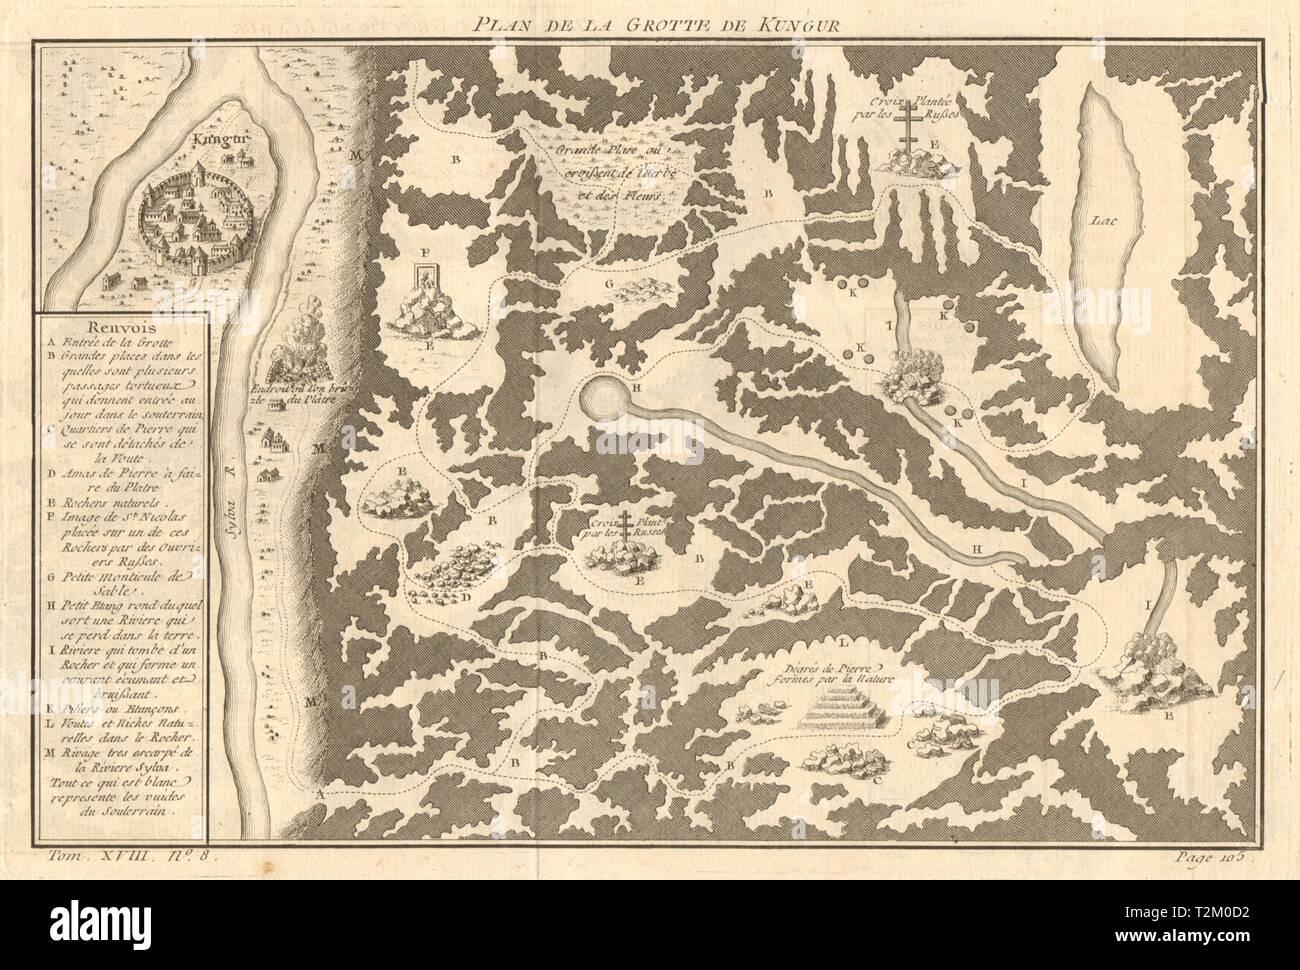 'Plan de la Grotte de Kungur'. Kungur Ice Cave Perm Krai Russia. BELLIN 1768 map - Stock Image